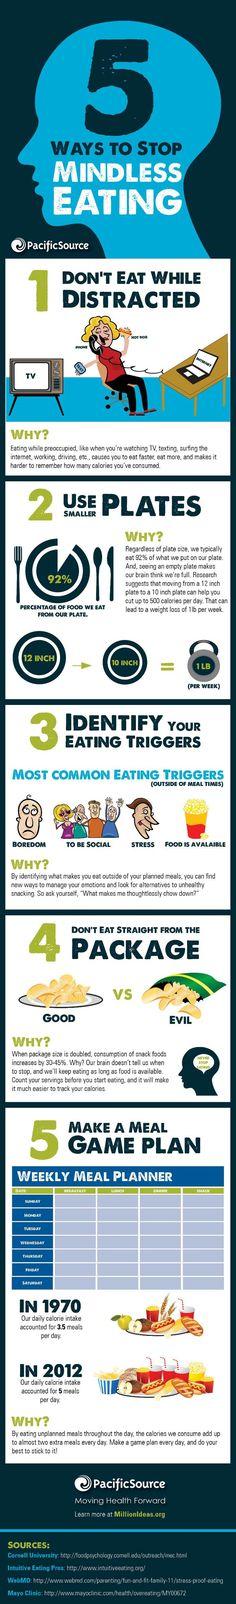 5-ways-to-stop-mindless-eating.jpg 705×4,792 pixels